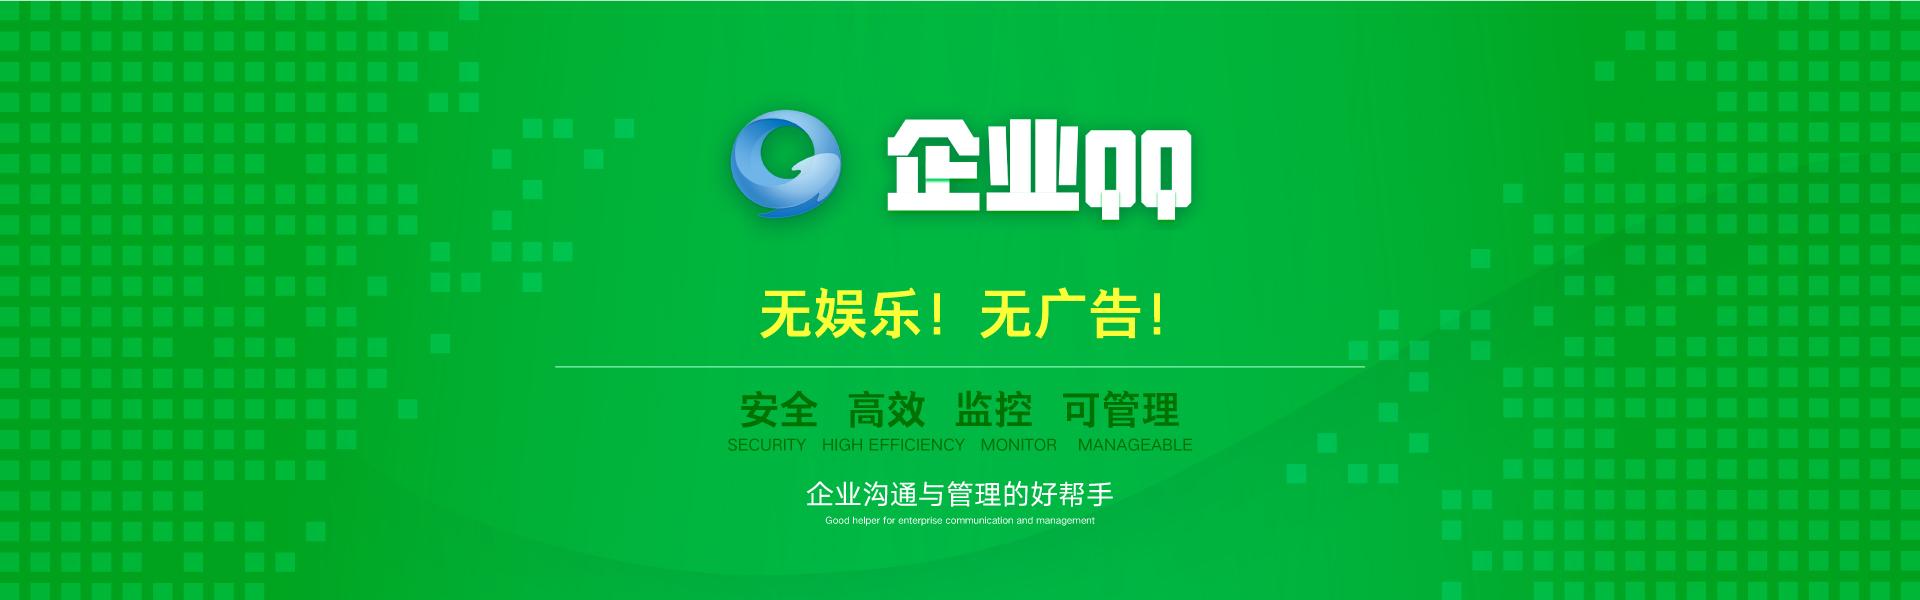 大米-企业QQ